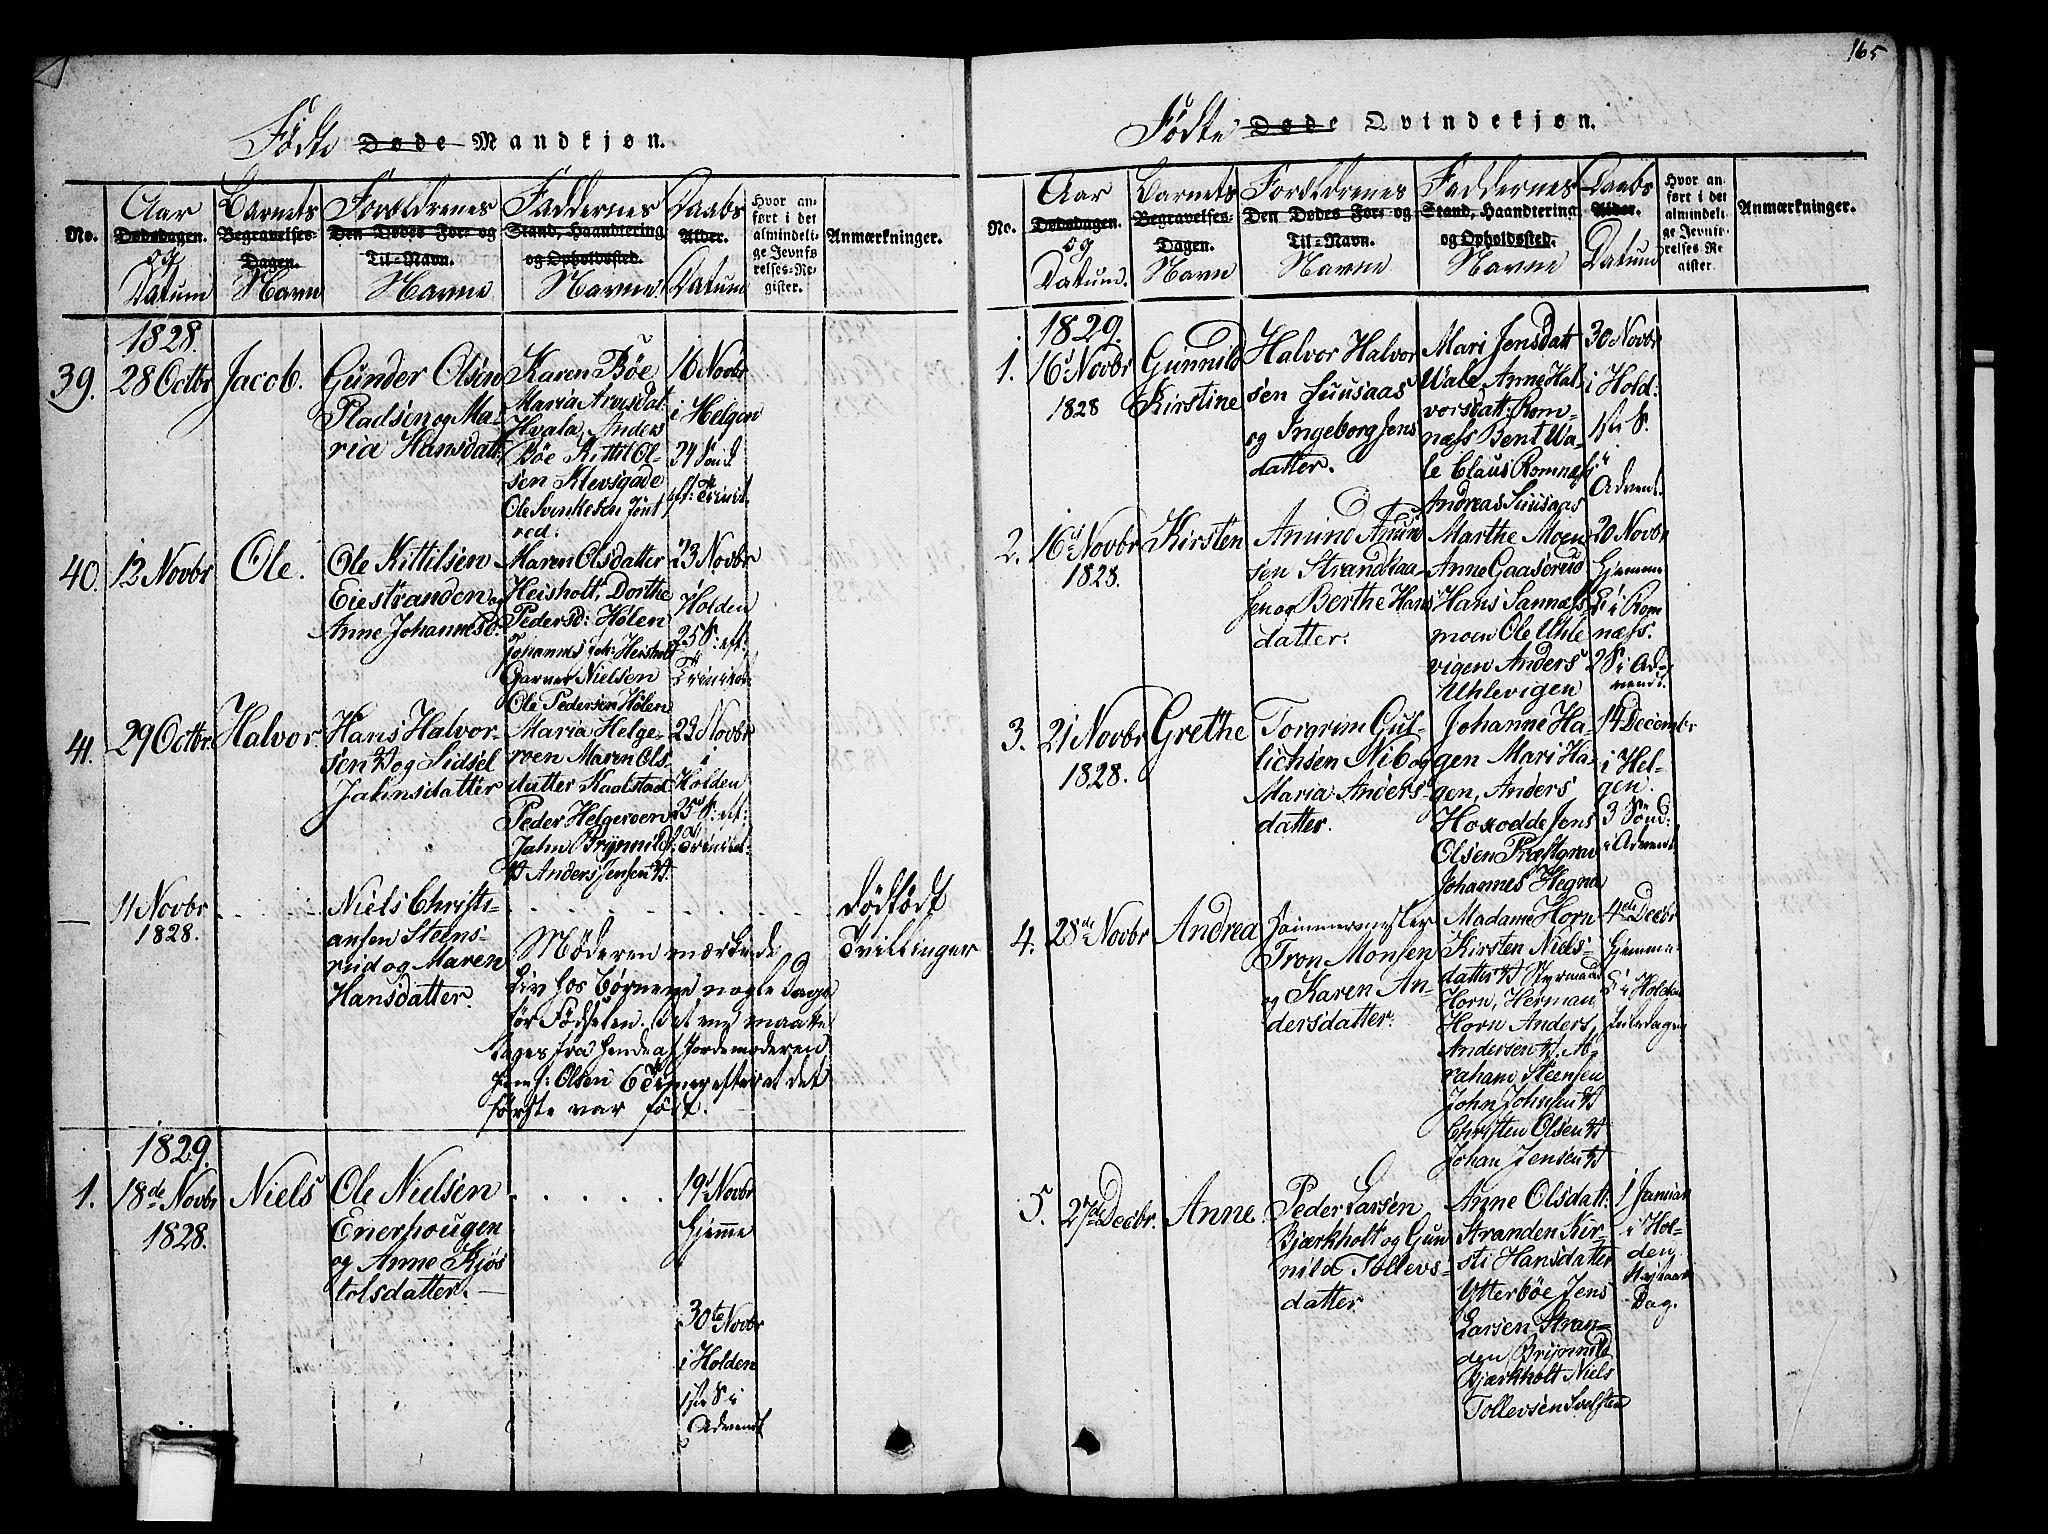 SAKO, Holla kirkebøker, G/Ga/L0001: Klokkerbok nr. I 1, 1814-1830, s. 165